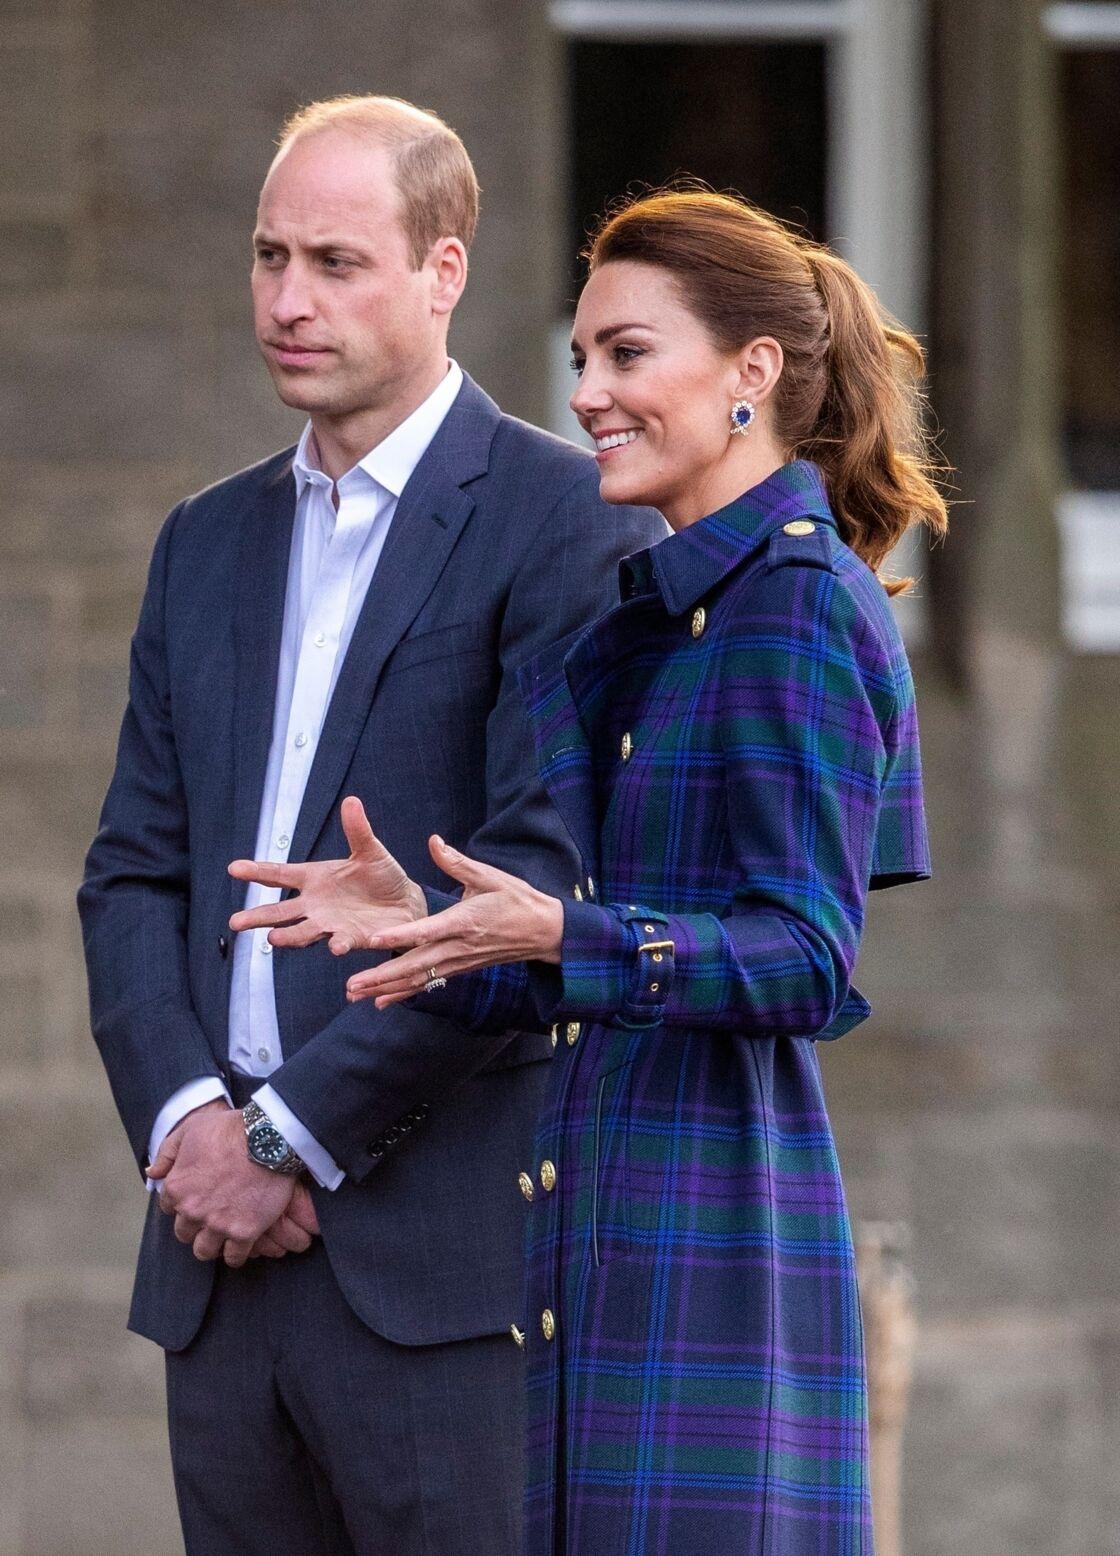 William et Kate Middleton en Ecosse le 26 mai 2021.